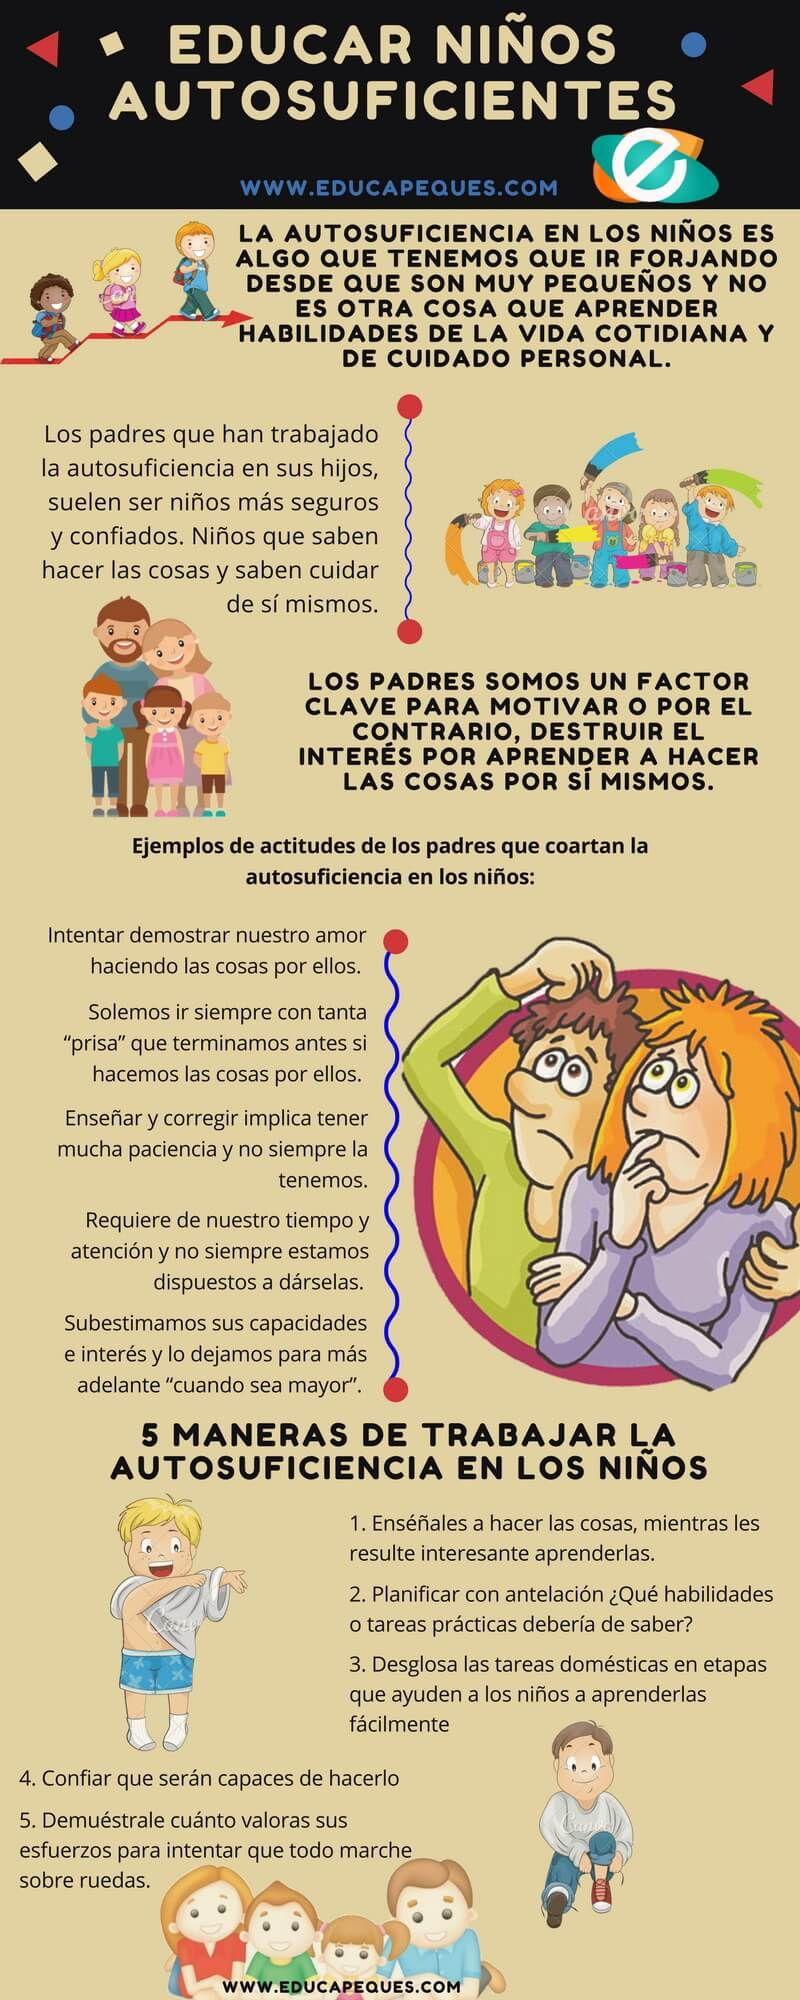 6cdb5fd1b4f Educar niños autosuficientes. Cómo trabajar la autosuficiencia en ...